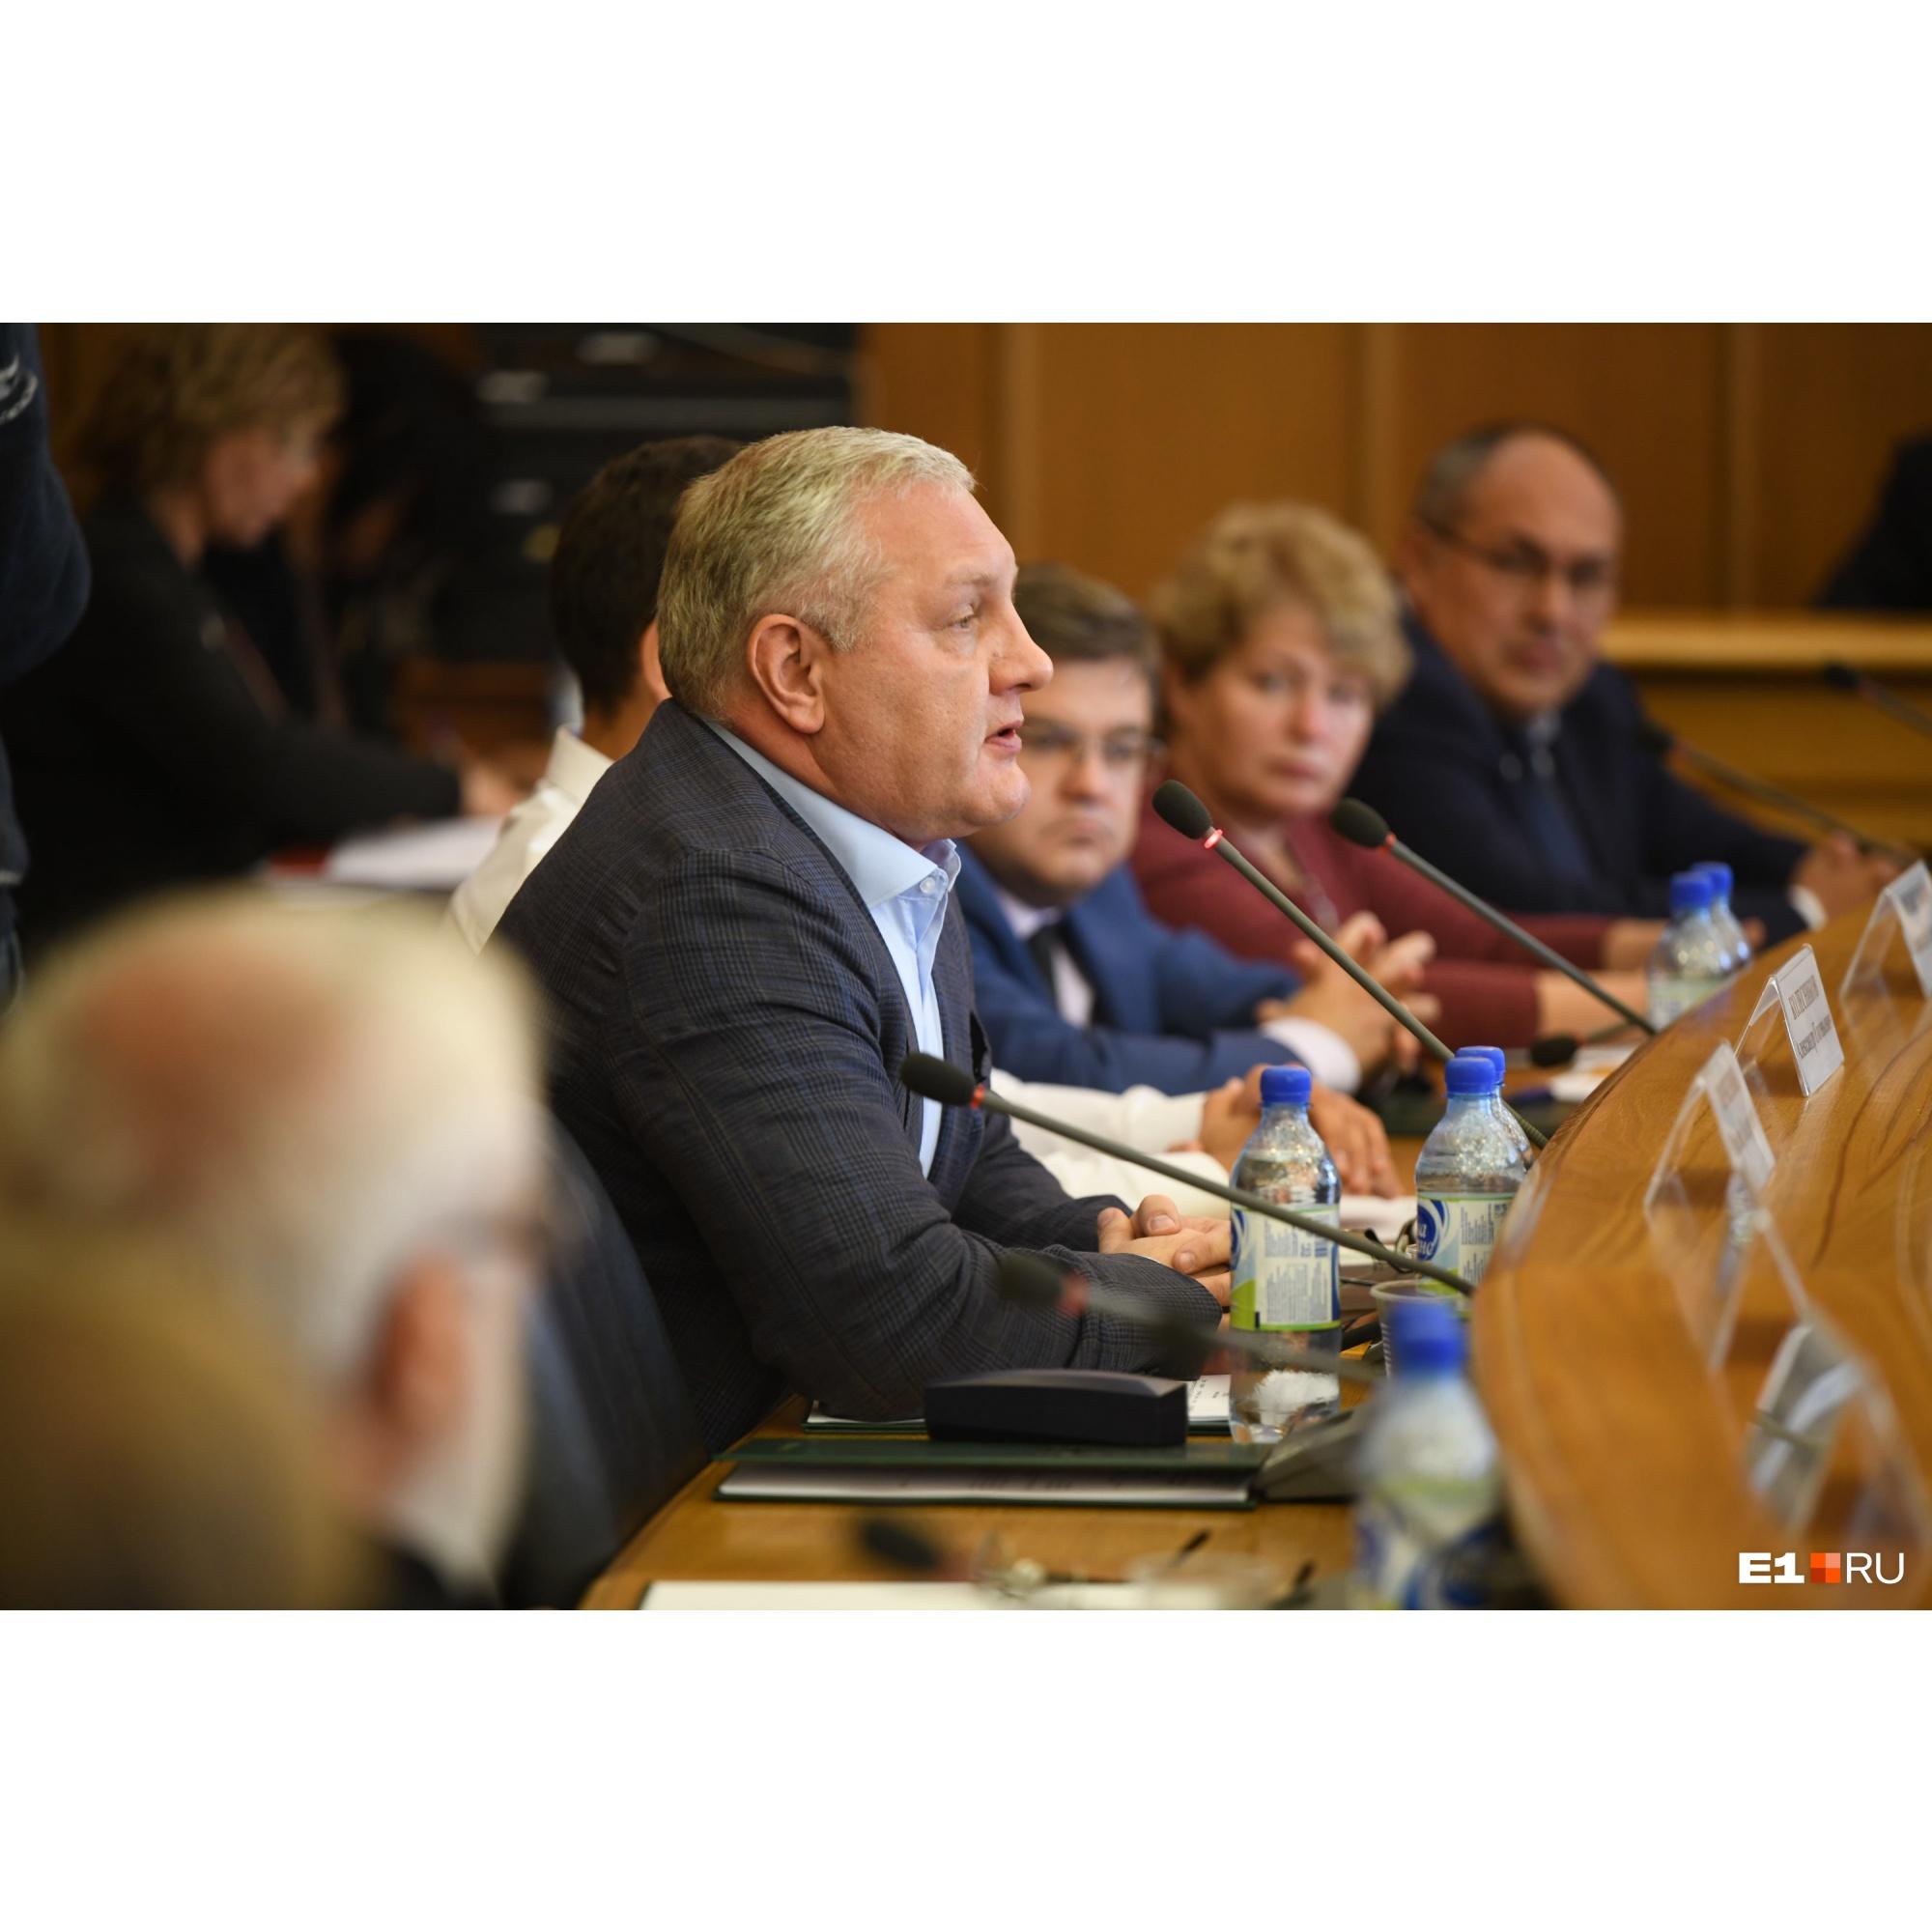 Депутат Колесников всегда эмоционален